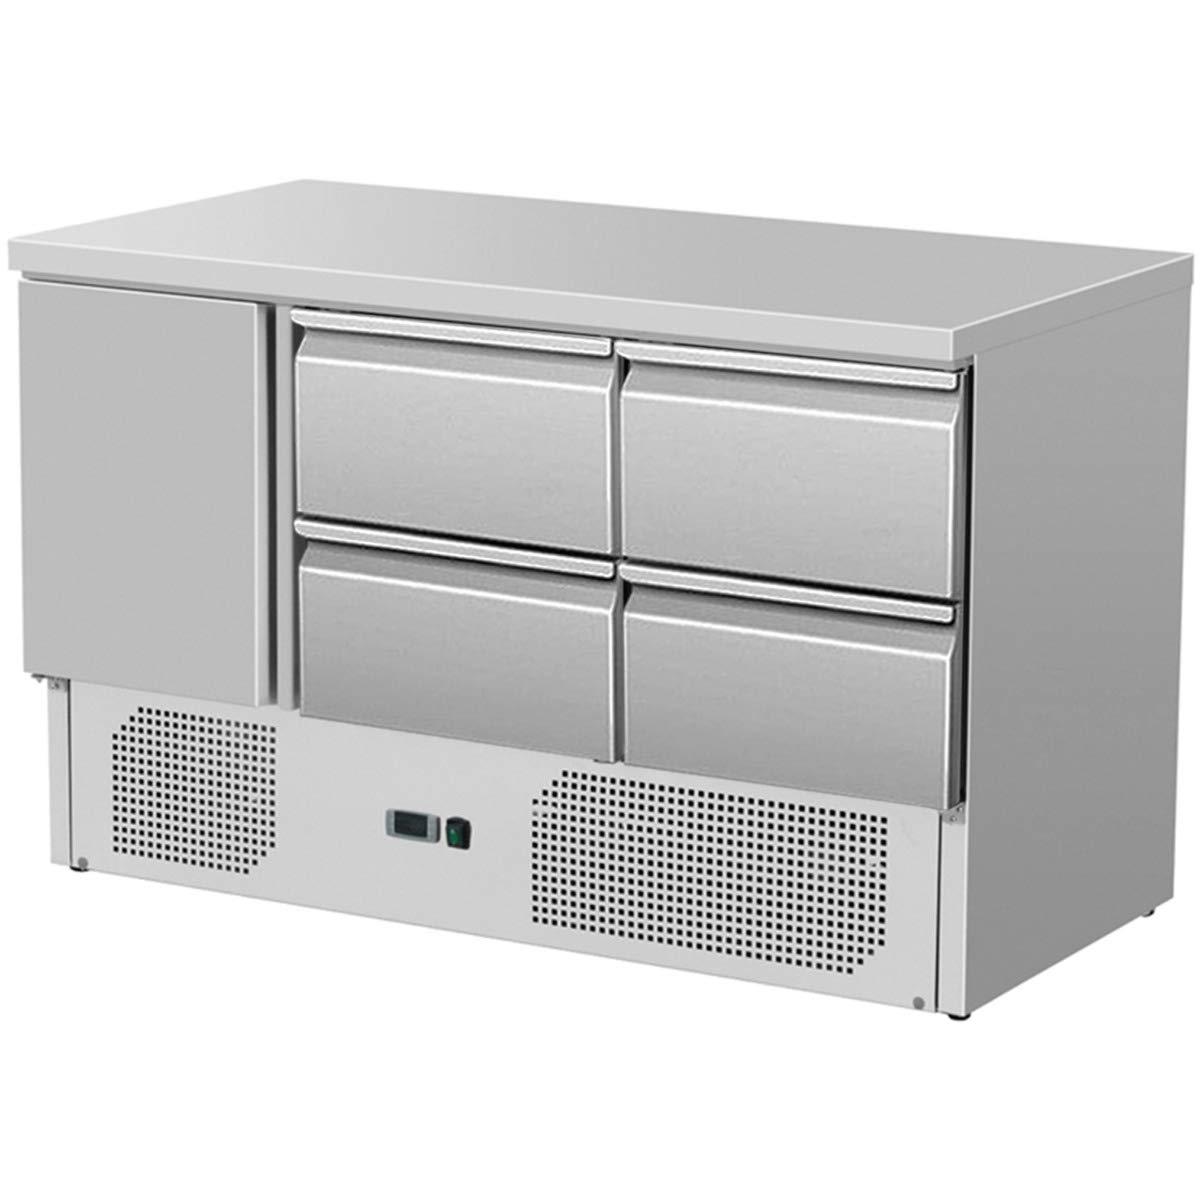 ZORRO - Kü hltisch ZS 903 4D - 1 Tü r - 4 Schubladen - Gastro Saladette mit Arbeitsflä che - R600A - Digitales Thermostat